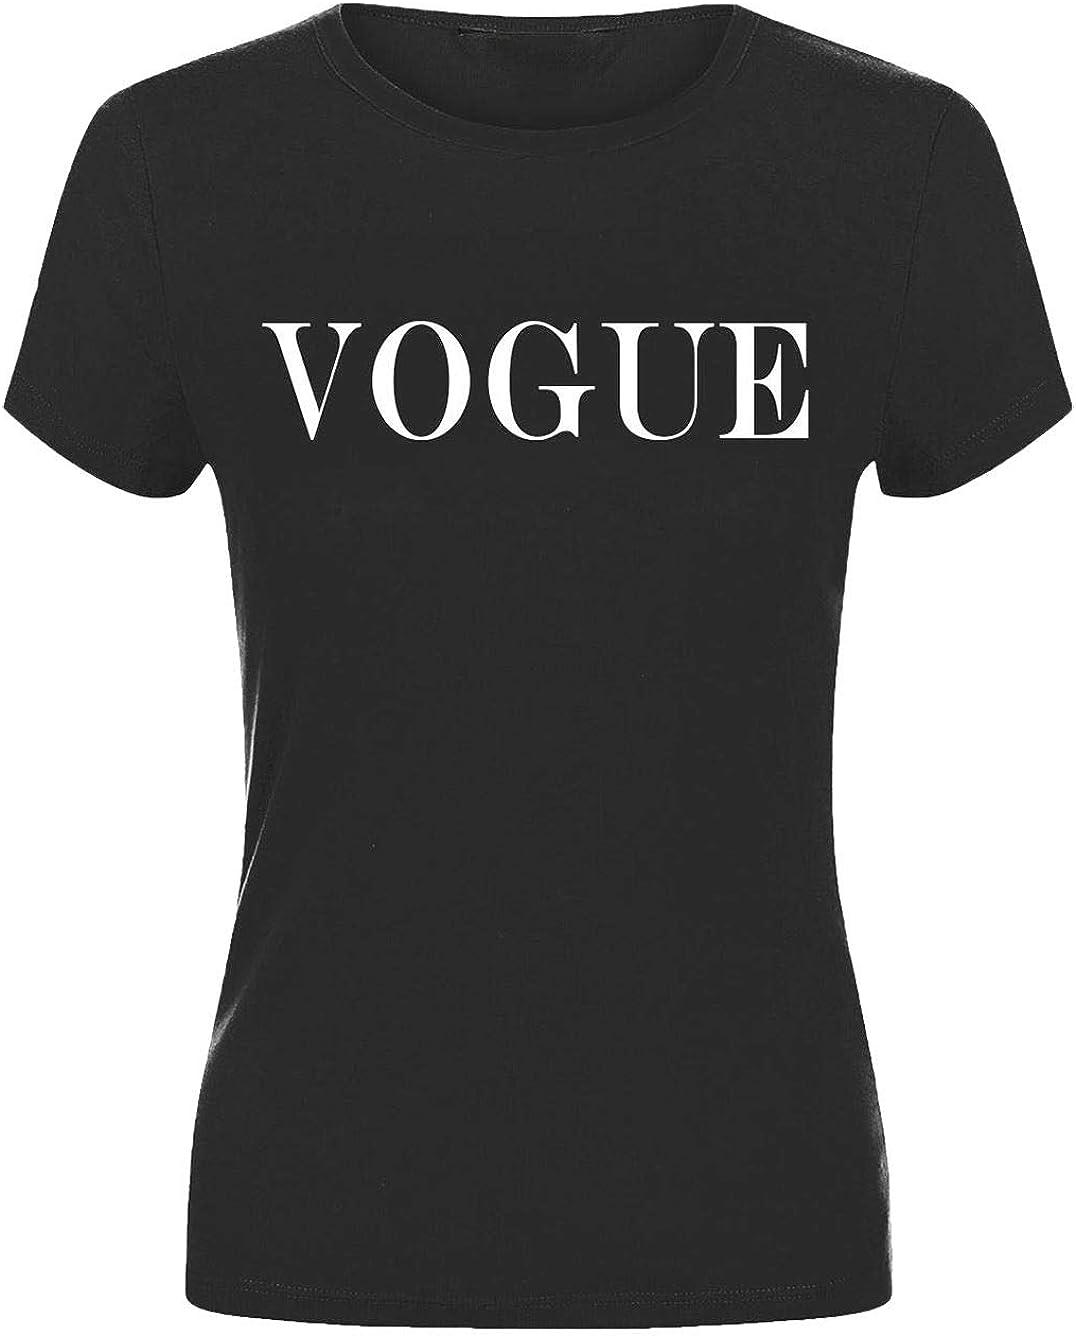 3XL Islander Fashions T-Shirt col Rond Imprim pour Femmes avec Slogan Vogue Womens Party Wear Manches Courtes Top S